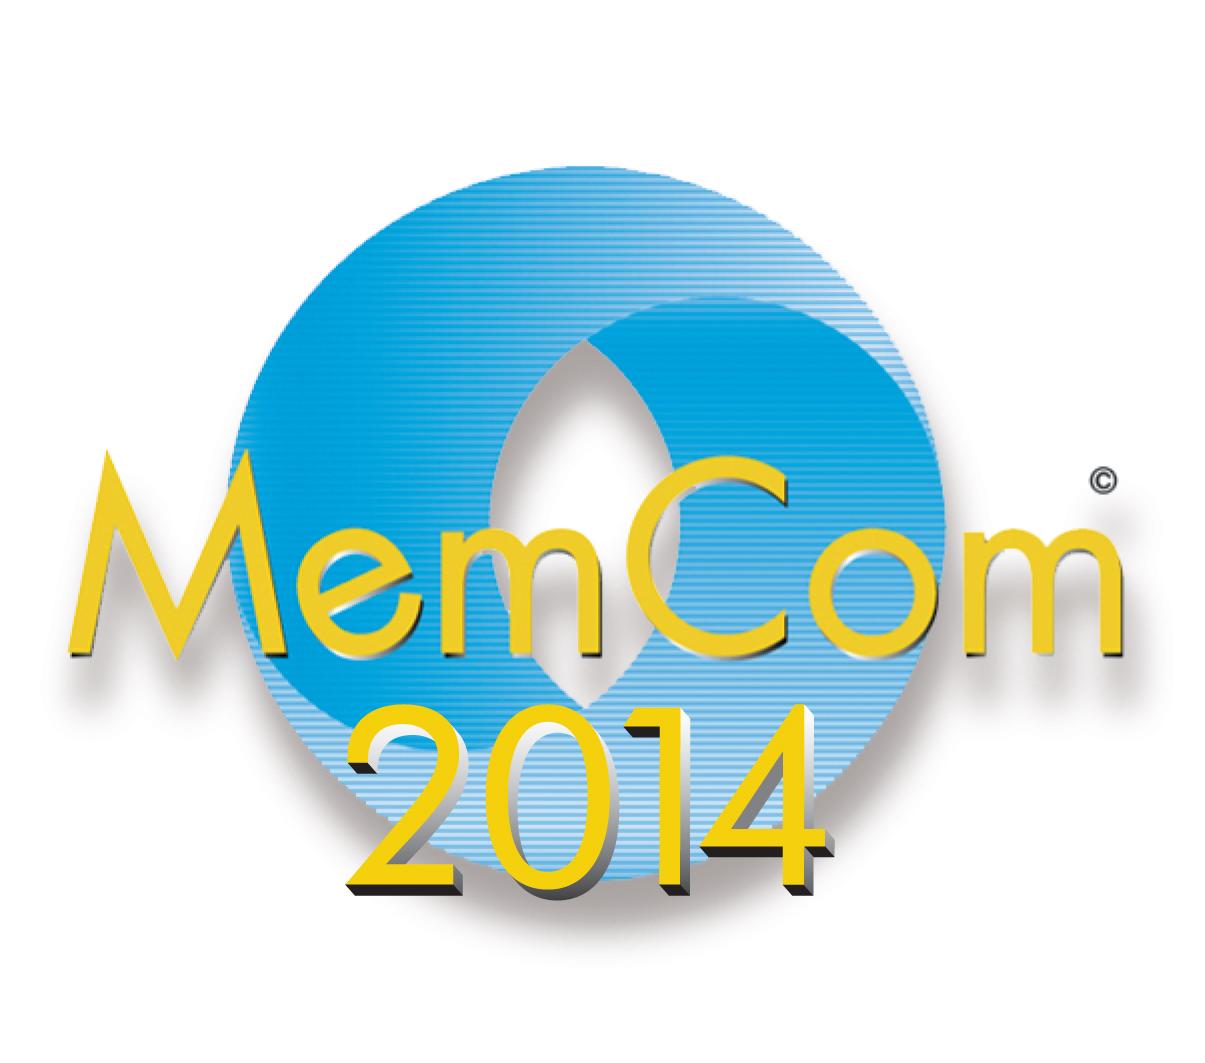 MemCom 2014 Conference Agenda